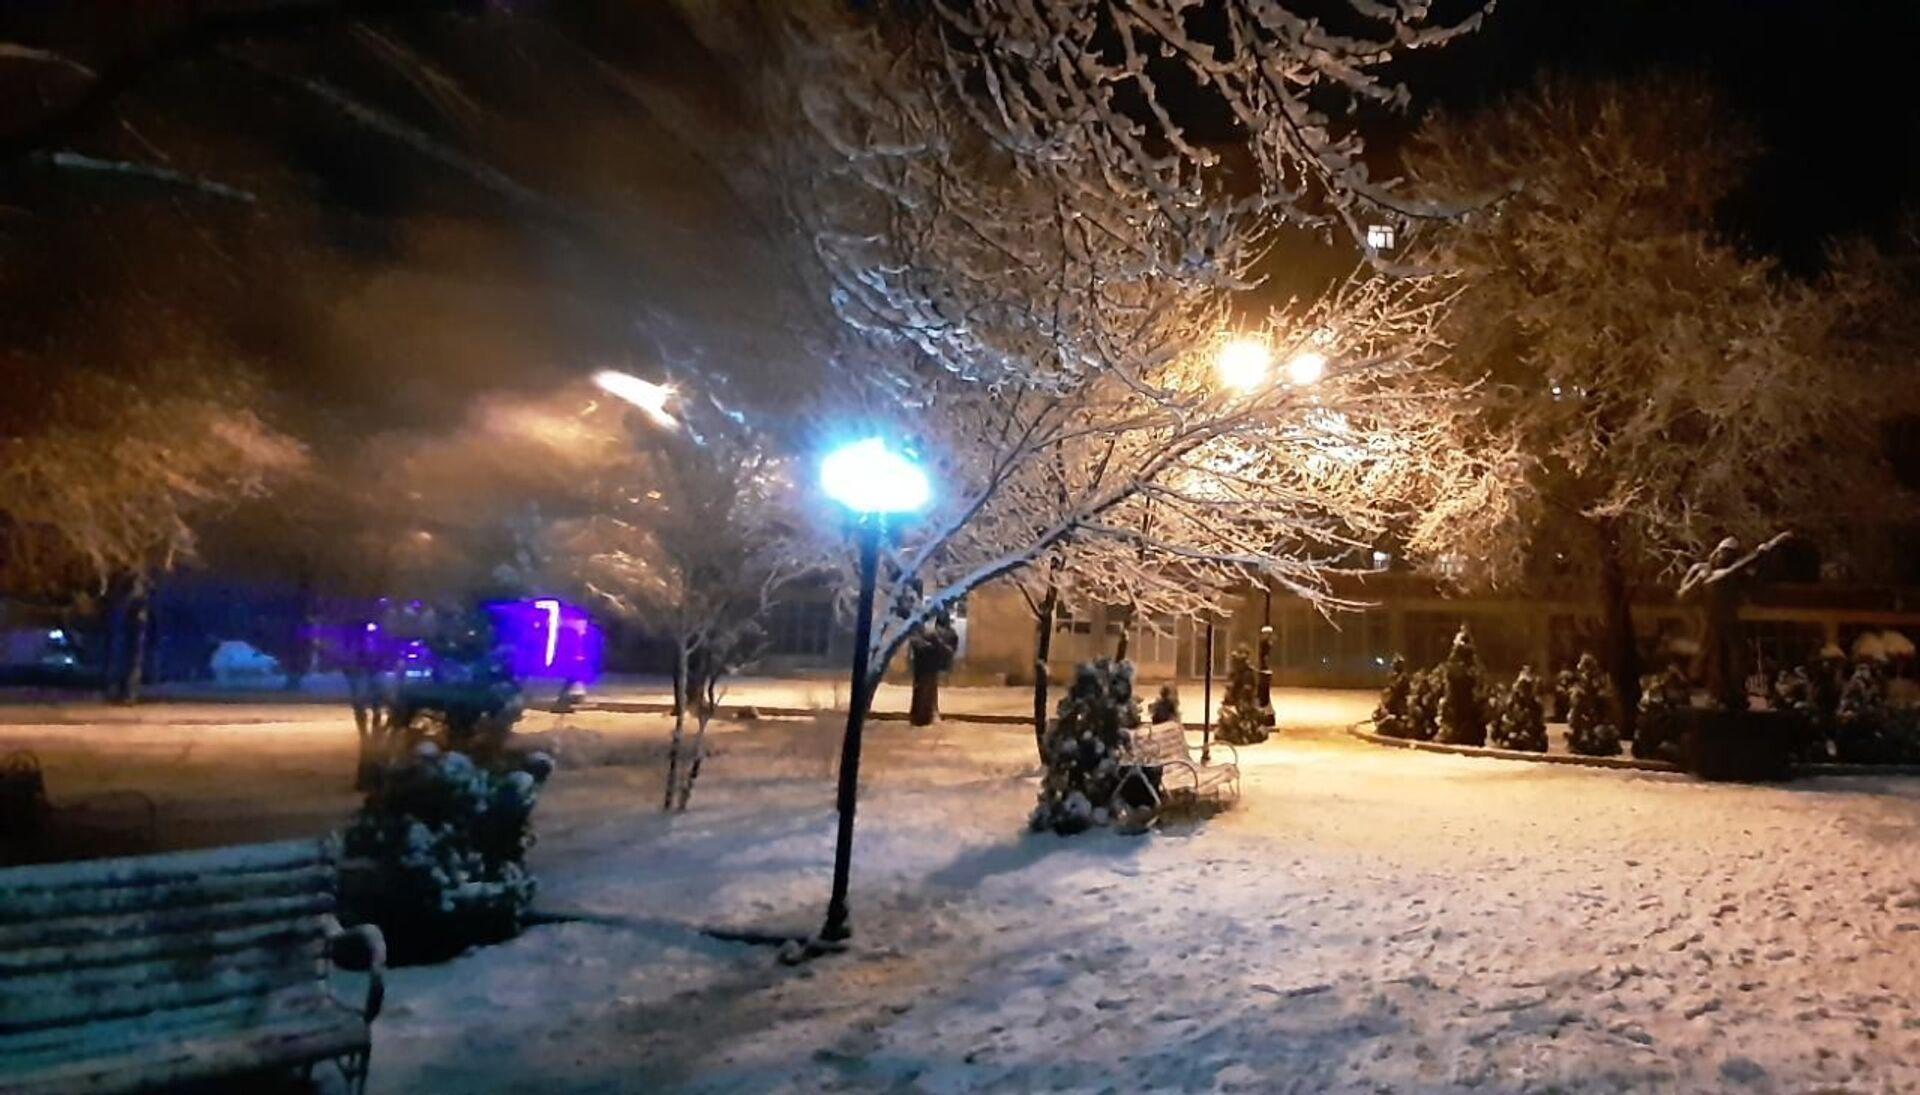 Первый за пять лет снег в Гяндже огорчил жителей города - фото - Sputnik Азербайджан, 1920, 18.02.2021